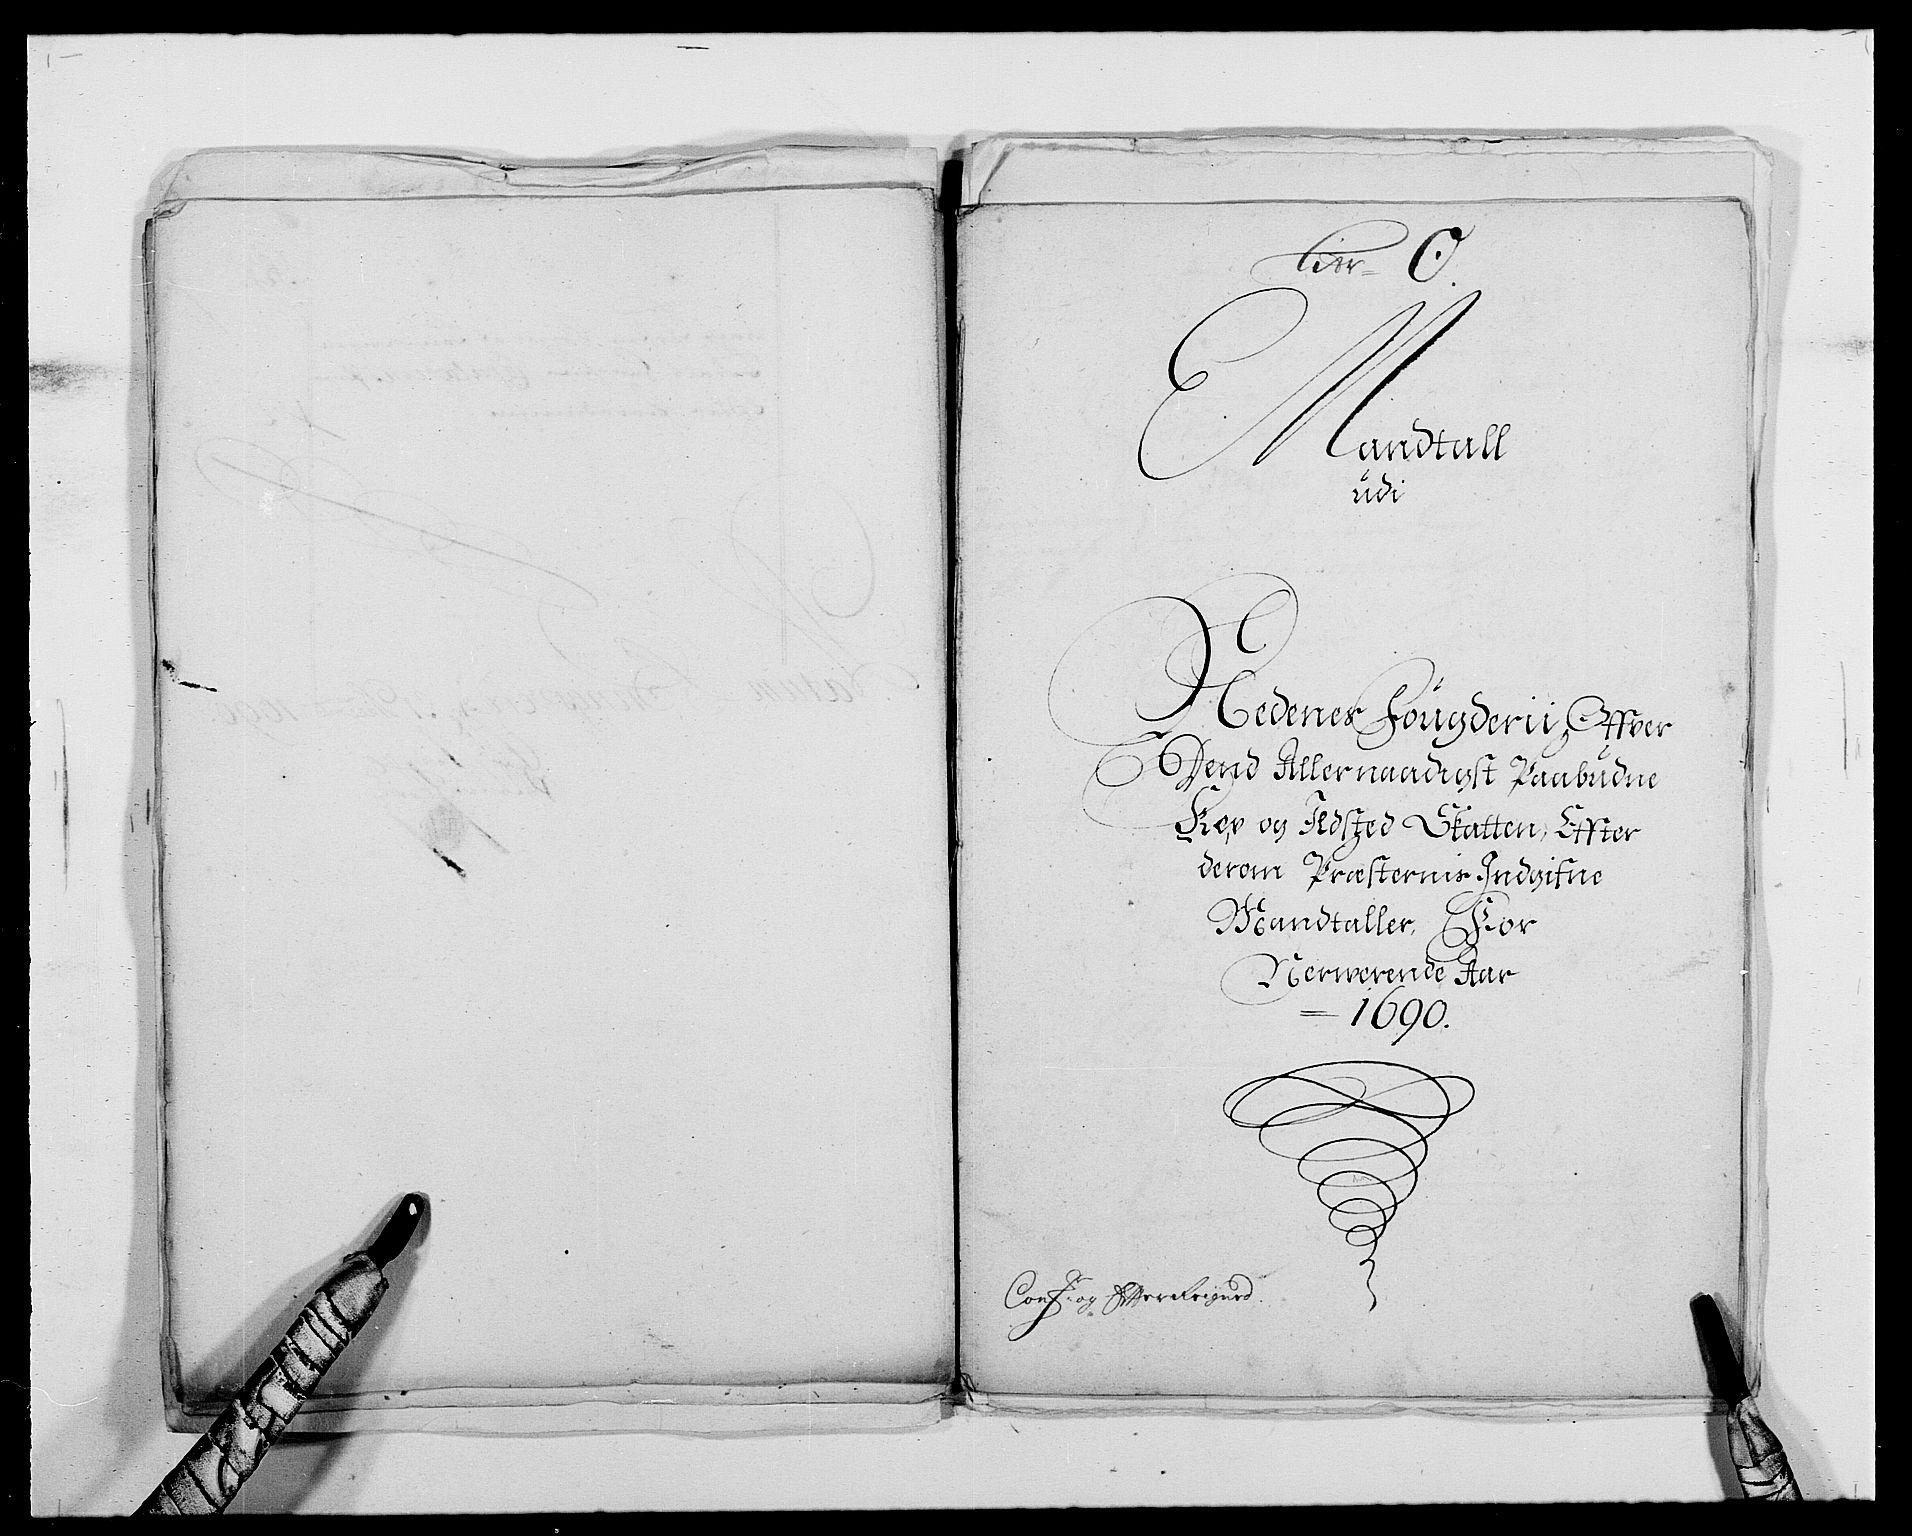 RA, Rentekammeret inntil 1814, Reviderte regnskaper, Fogderegnskap, R39/L2310: Fogderegnskap Nedenes, 1690-1692, s. 263